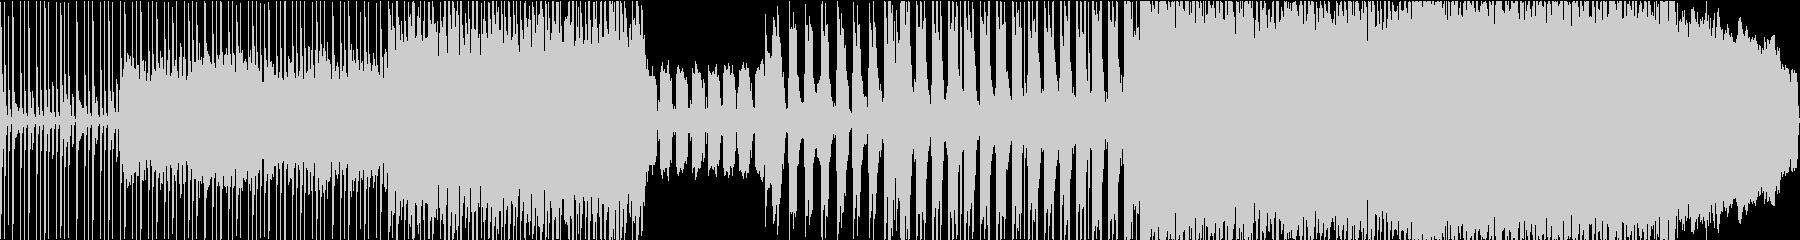 疾走感のあるバンドピースのロックサウンドの未再生の波形